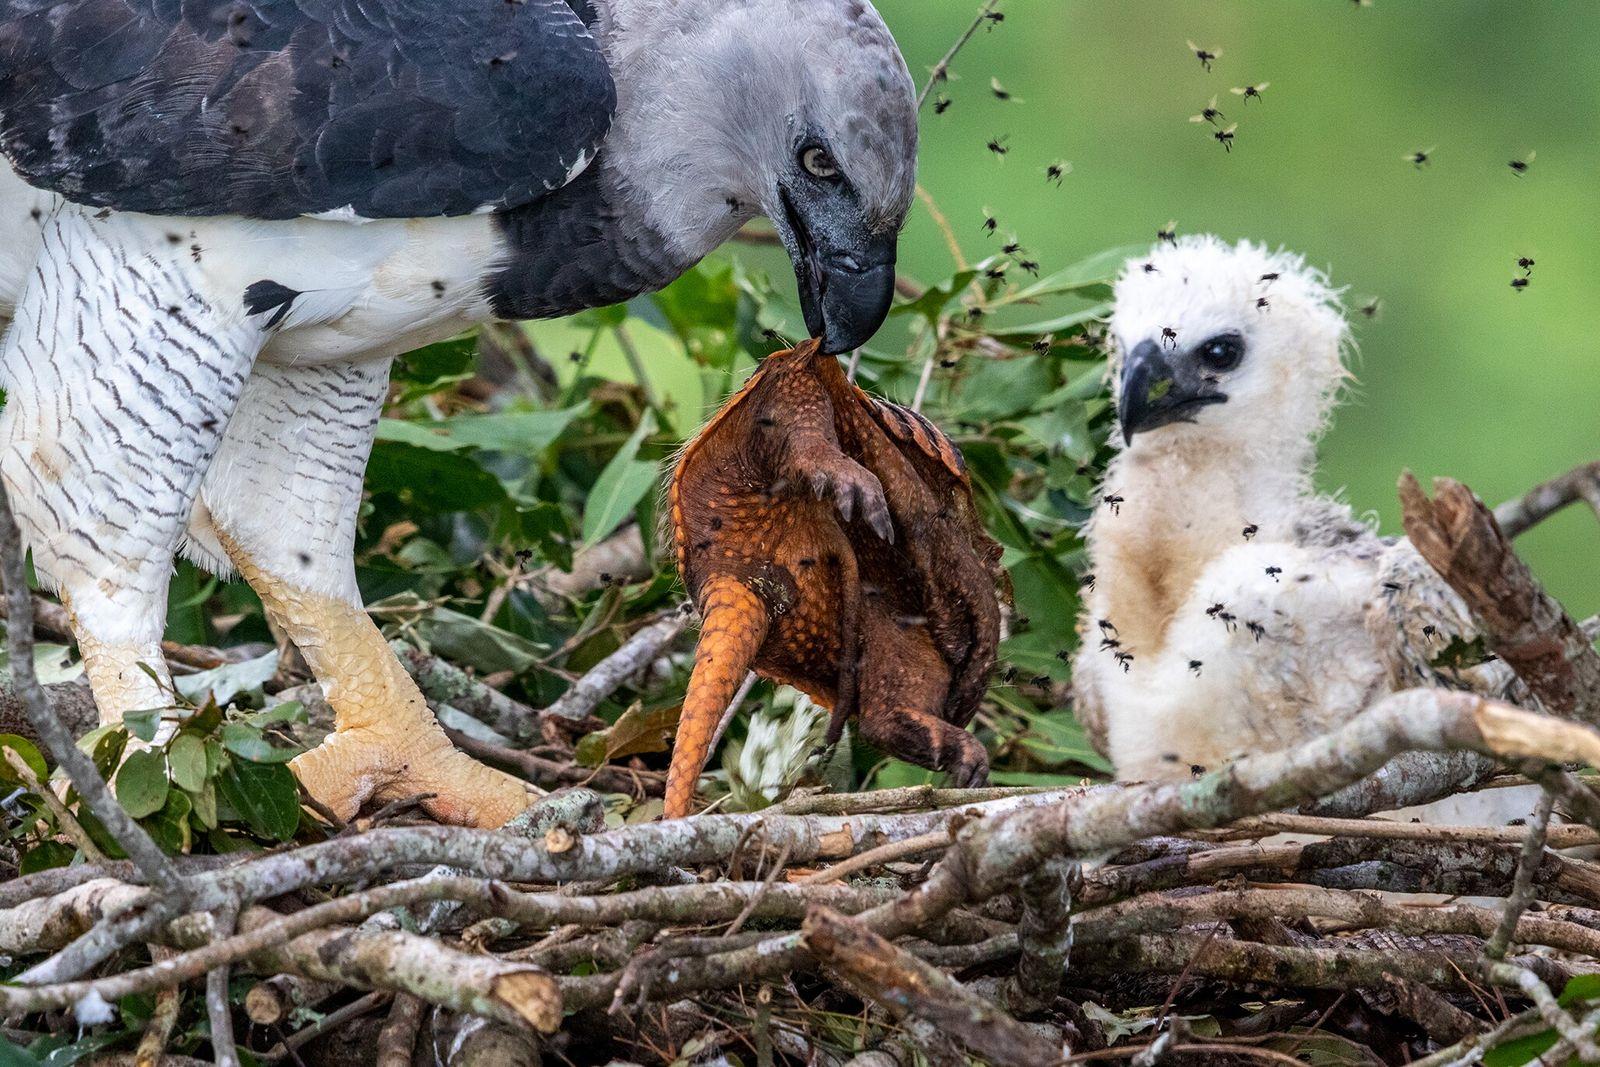 Fotografía de una arpía mayor alimentando a su polluelo